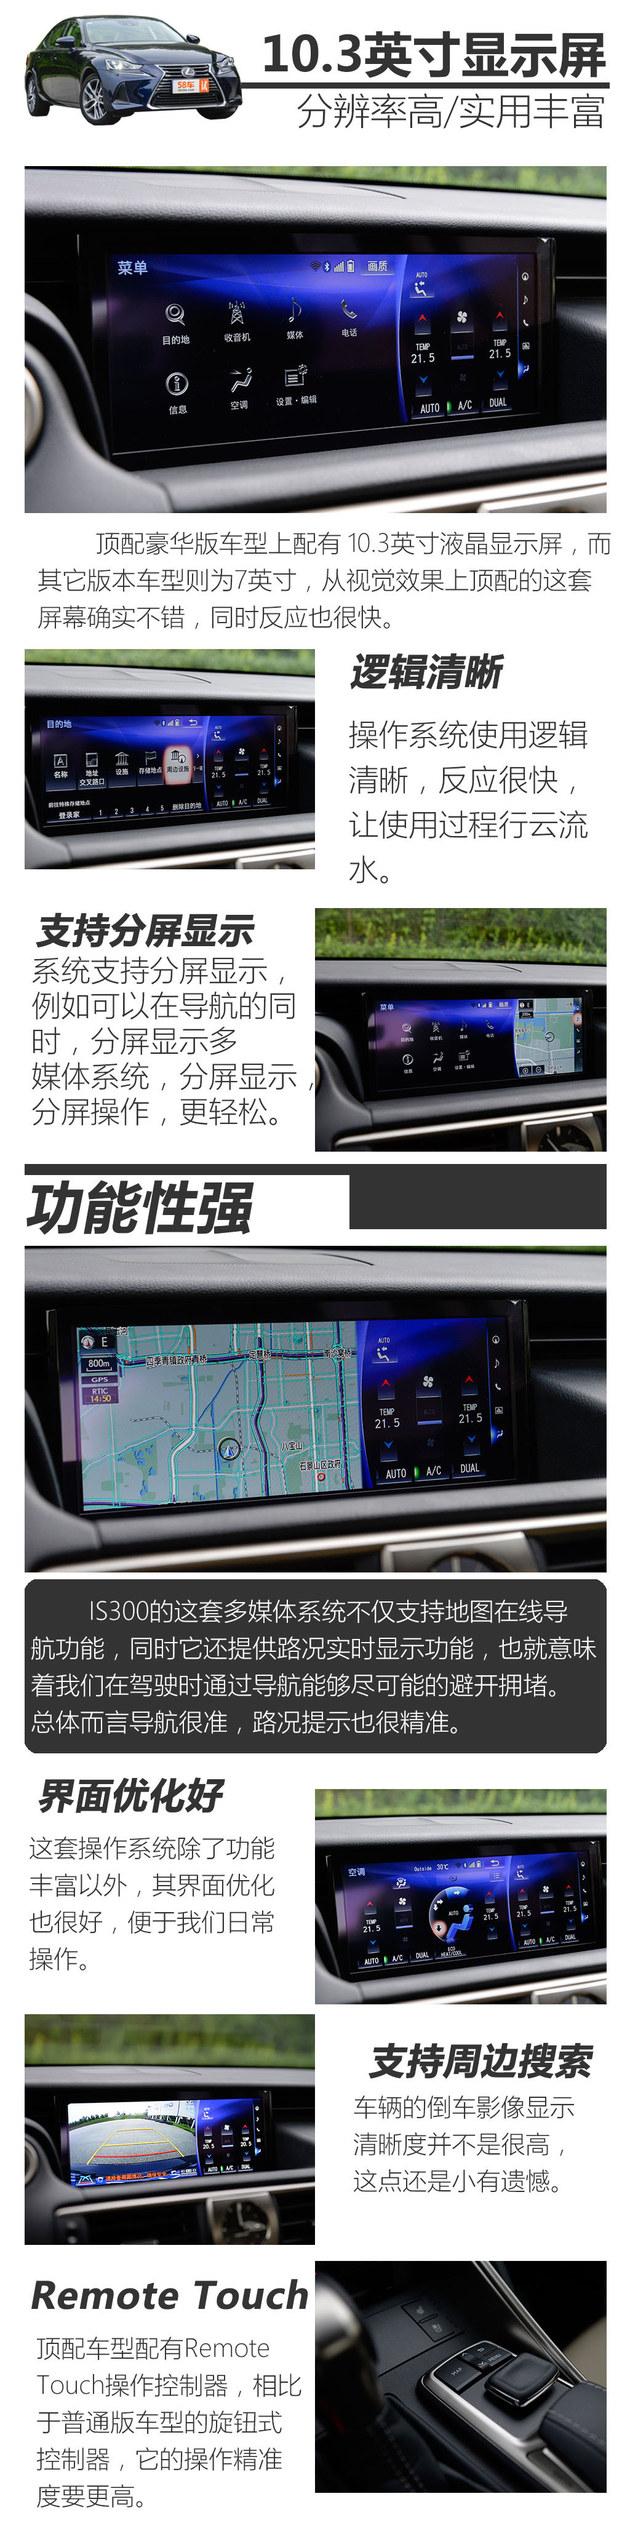 雷克萨斯IS300多媒体体验 操作界面升级